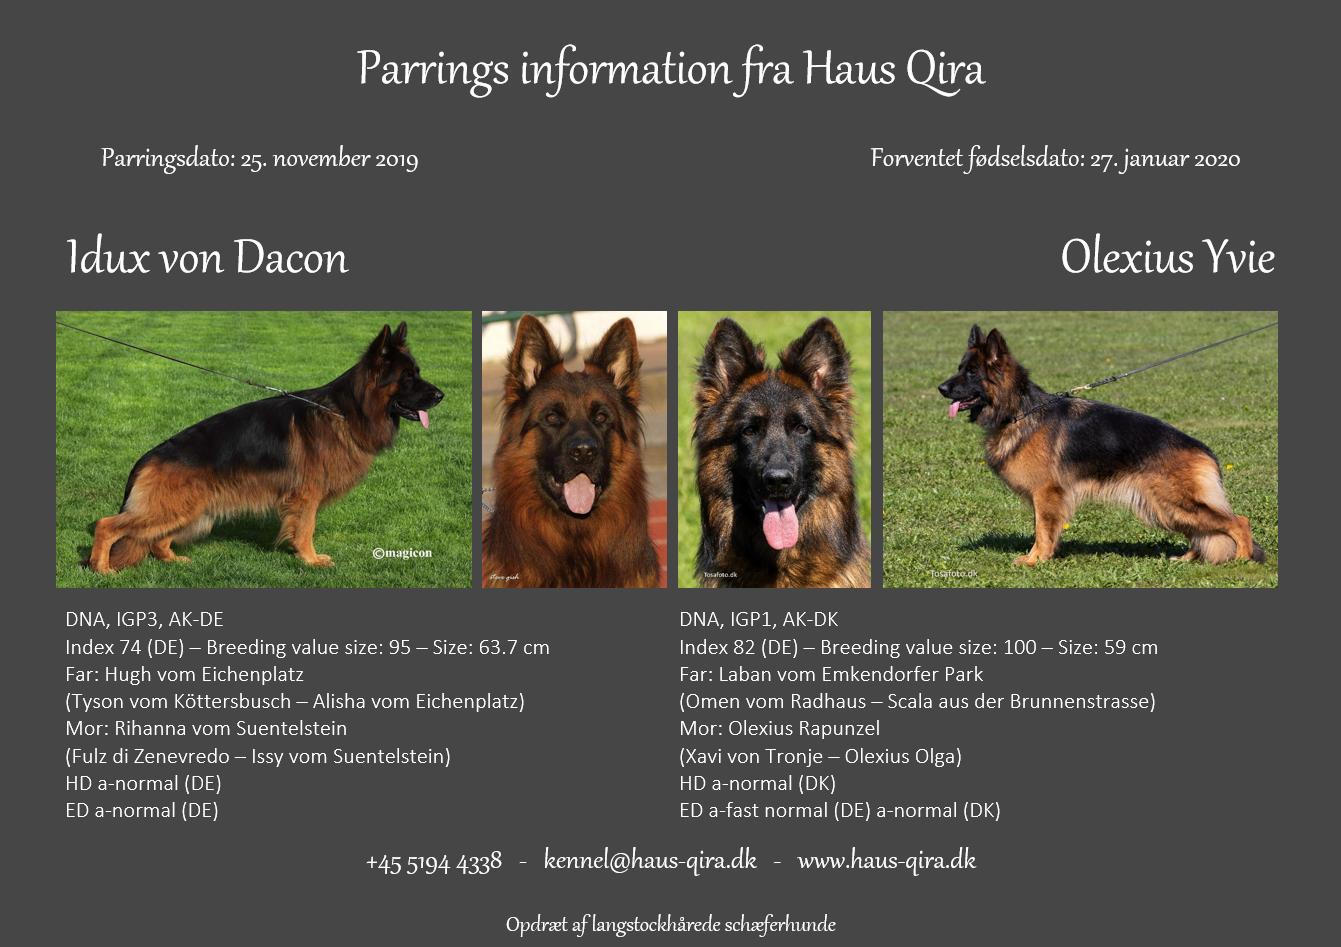 Yvie er blevet parret med Idux vom Dacon & vi har fået ny avlstæve hos Haus Qira!